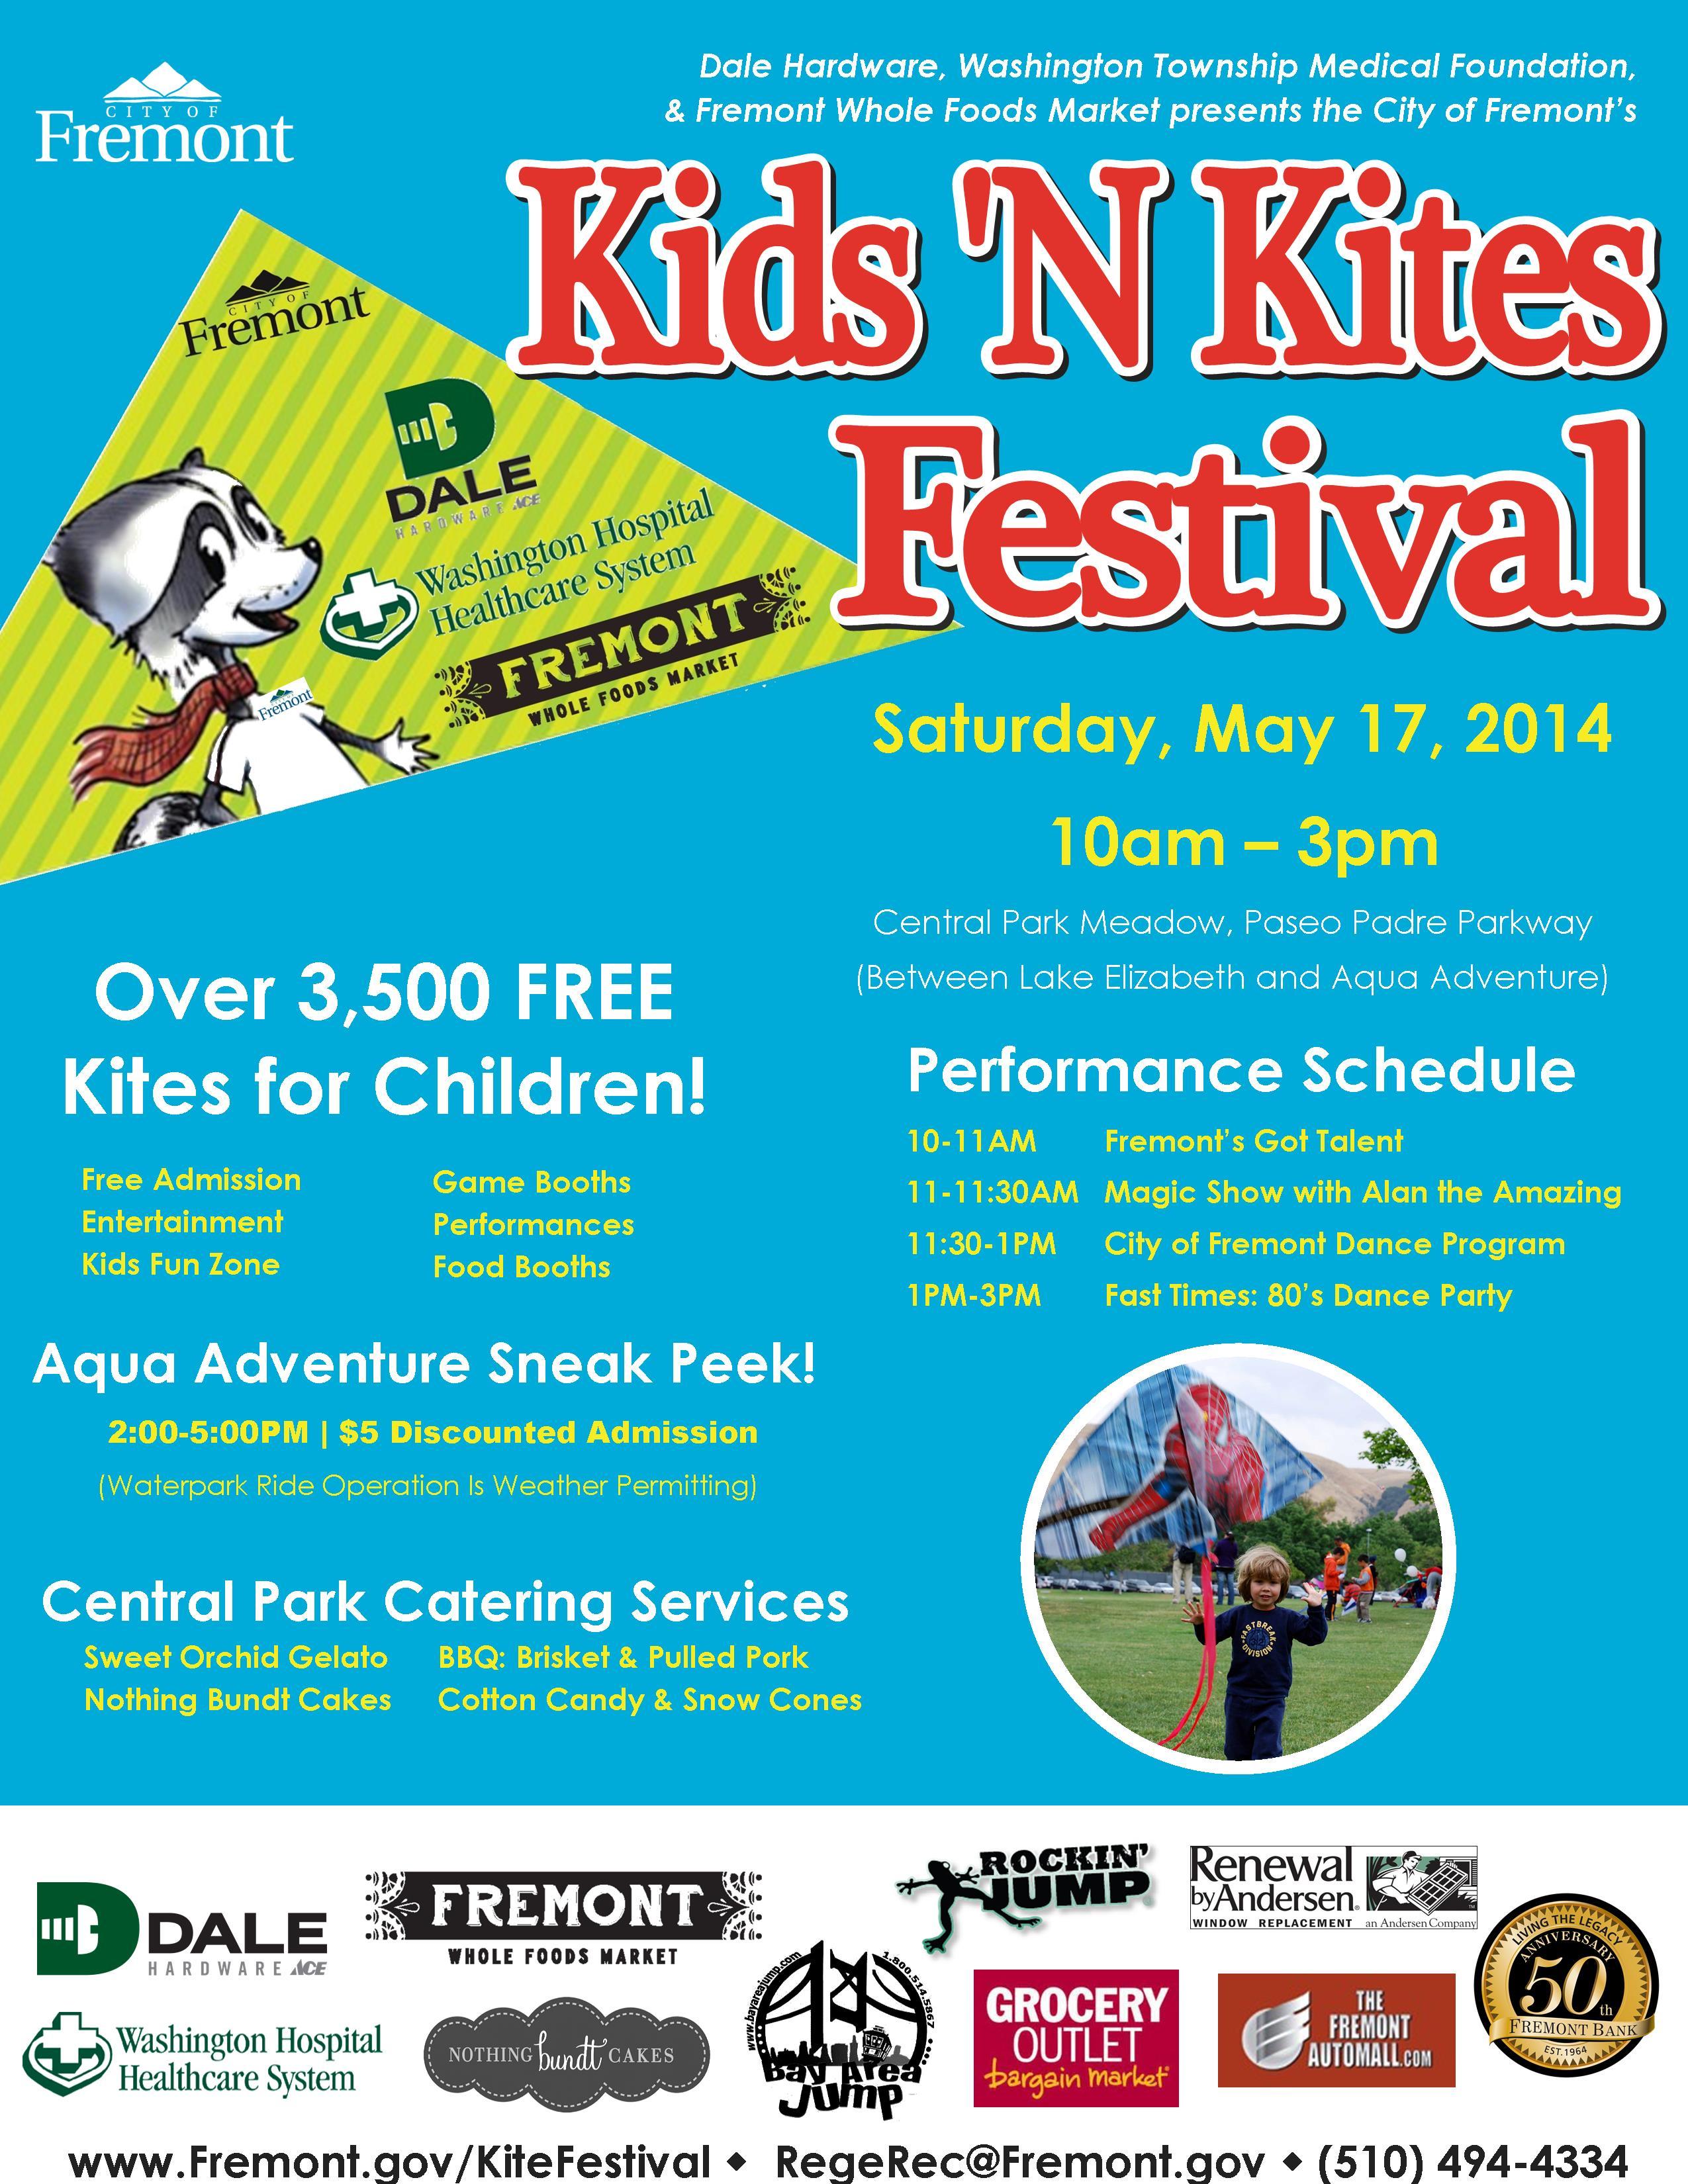 Fremont Kids 'n Kites Festival flier